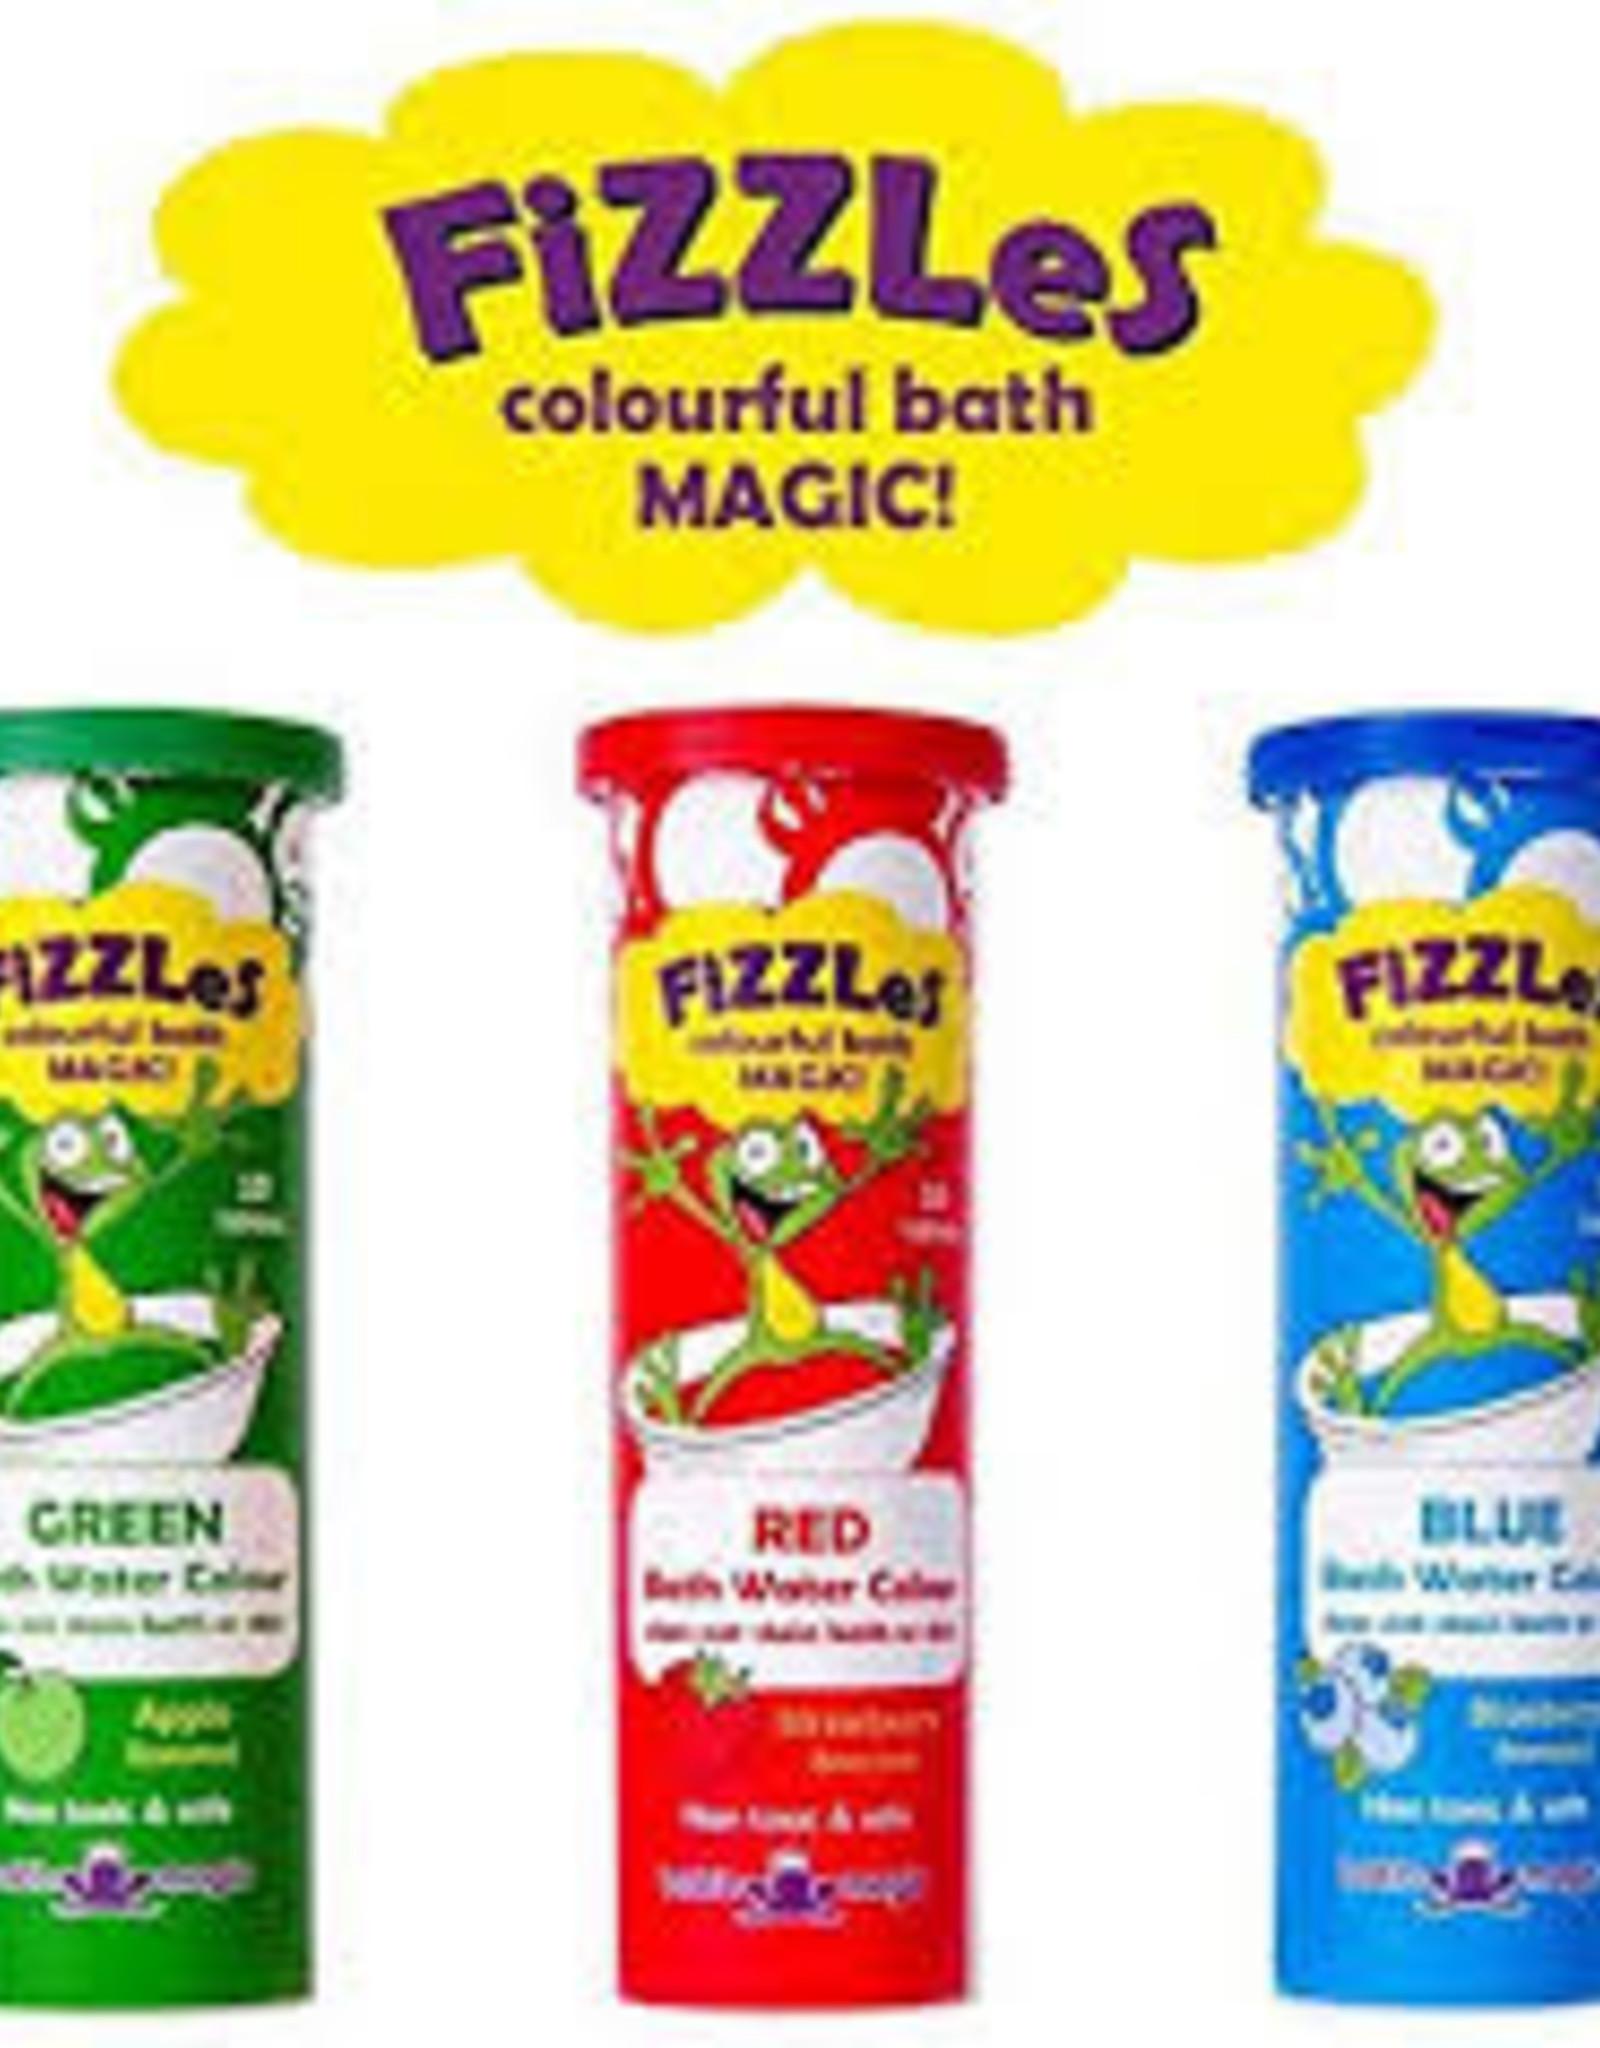 Fizzles Bath Colors